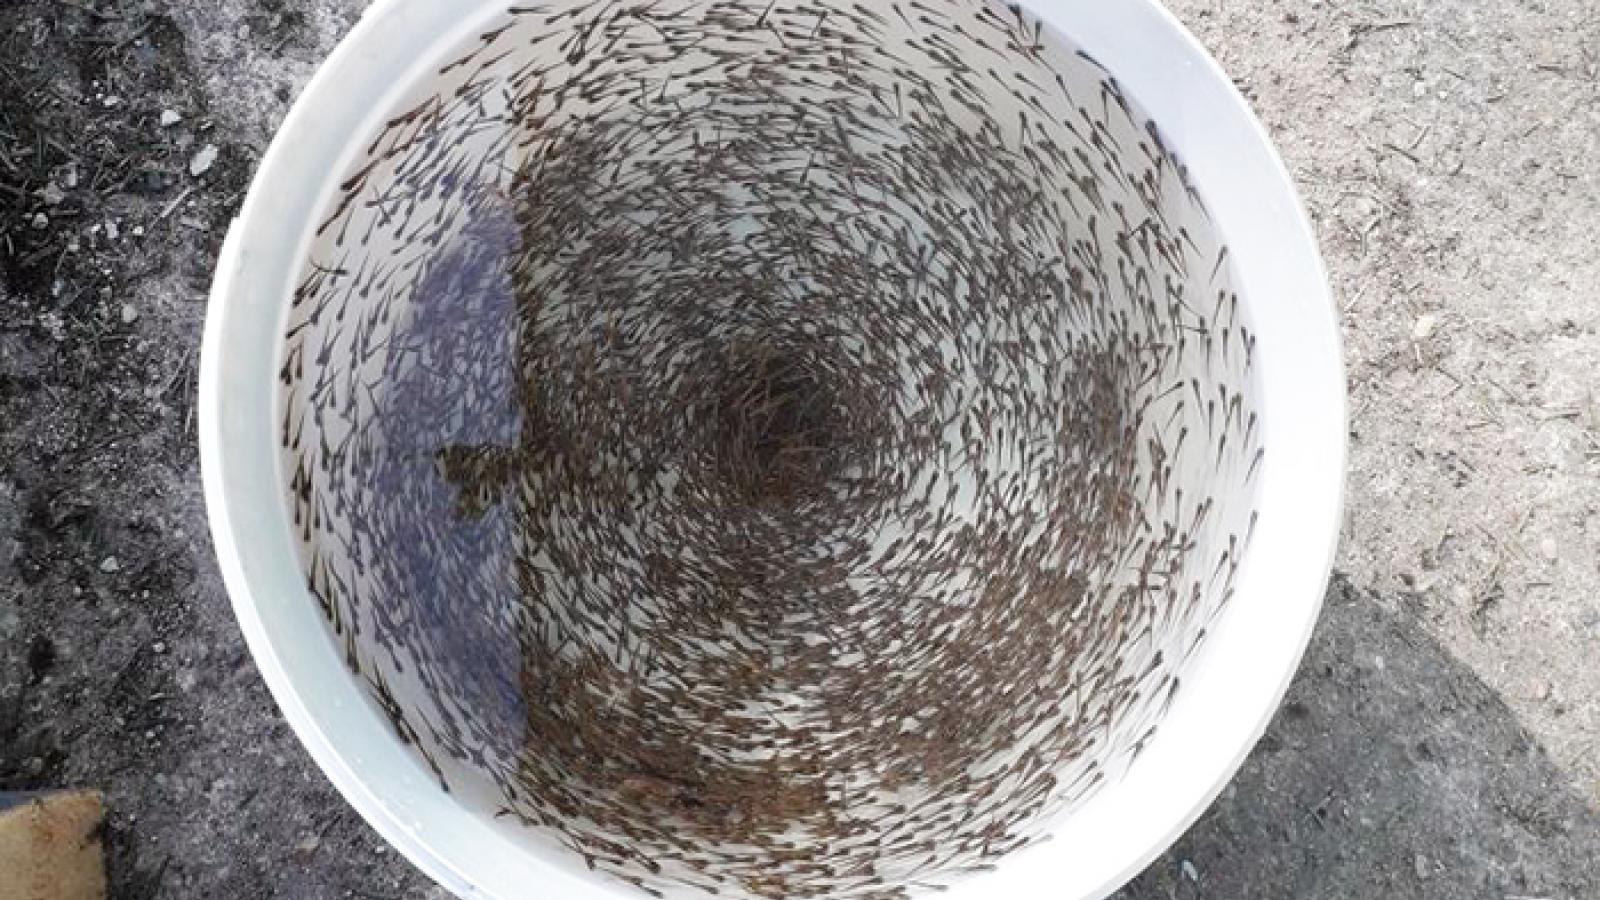 6 миллионов личинок рыбы семейства лососевых выпустили в вологодскую реку